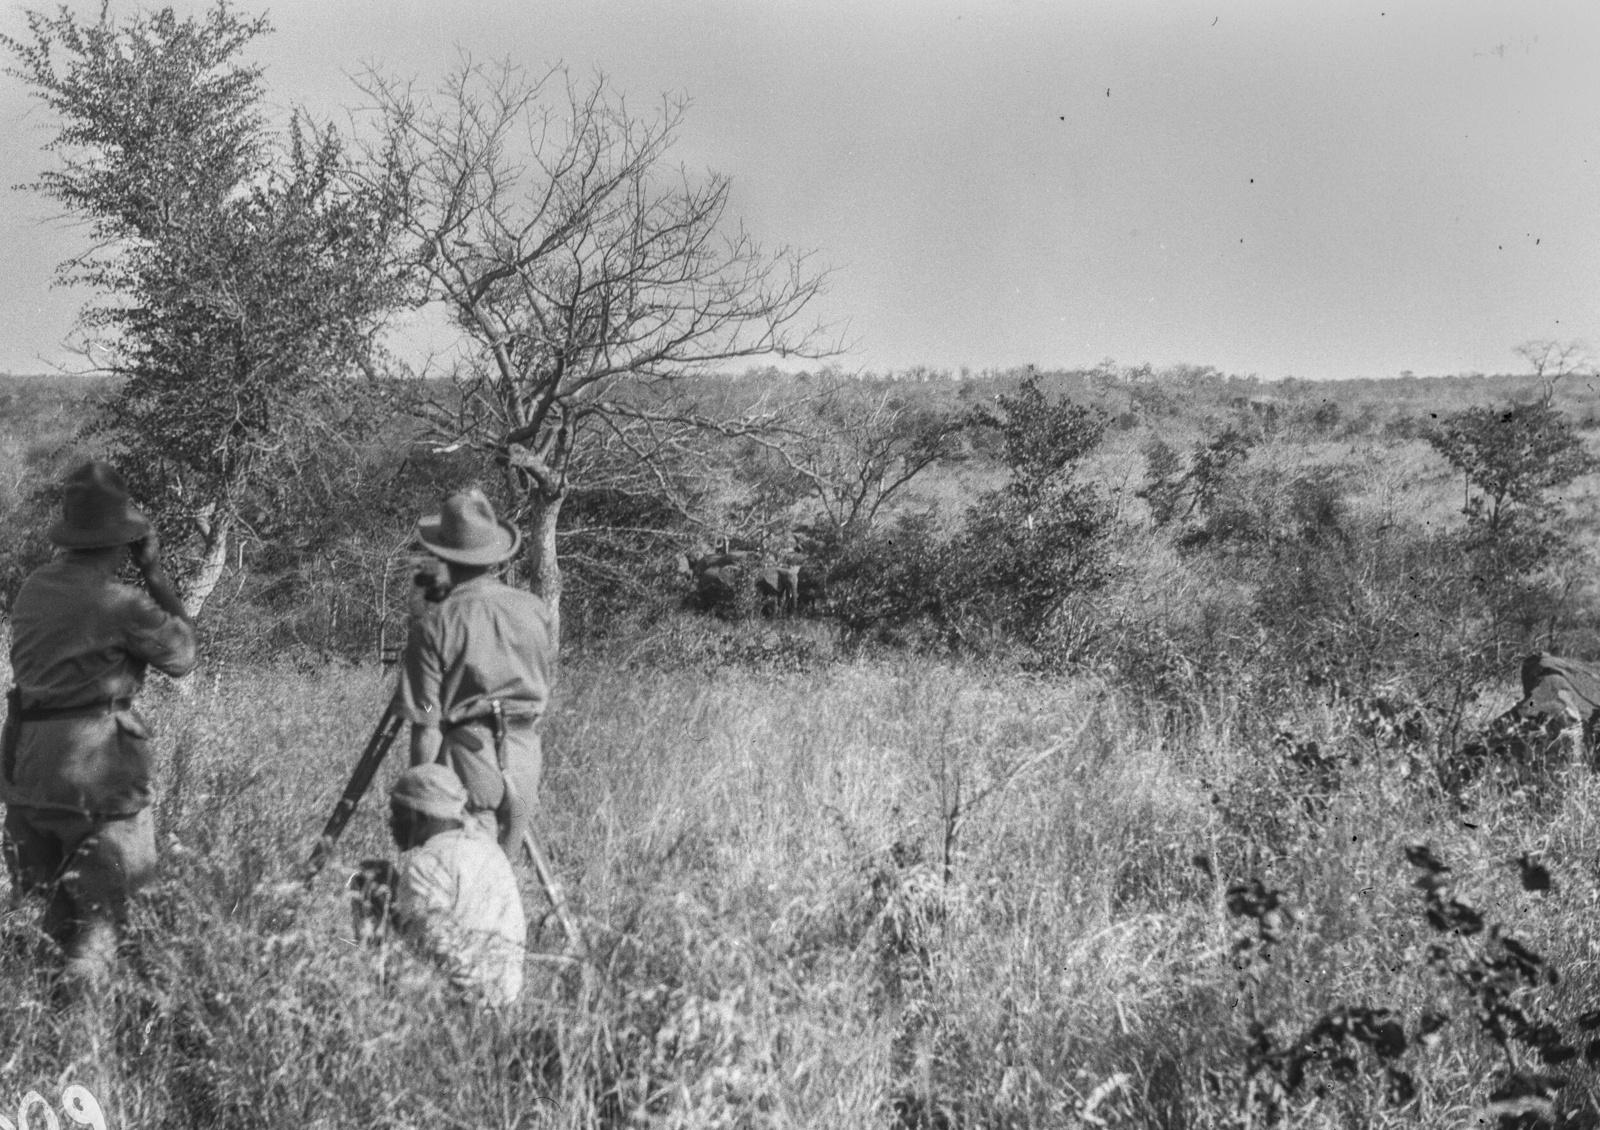 Национальный парк Крюгера. Участники экспедиции делают пейзажные фотографии